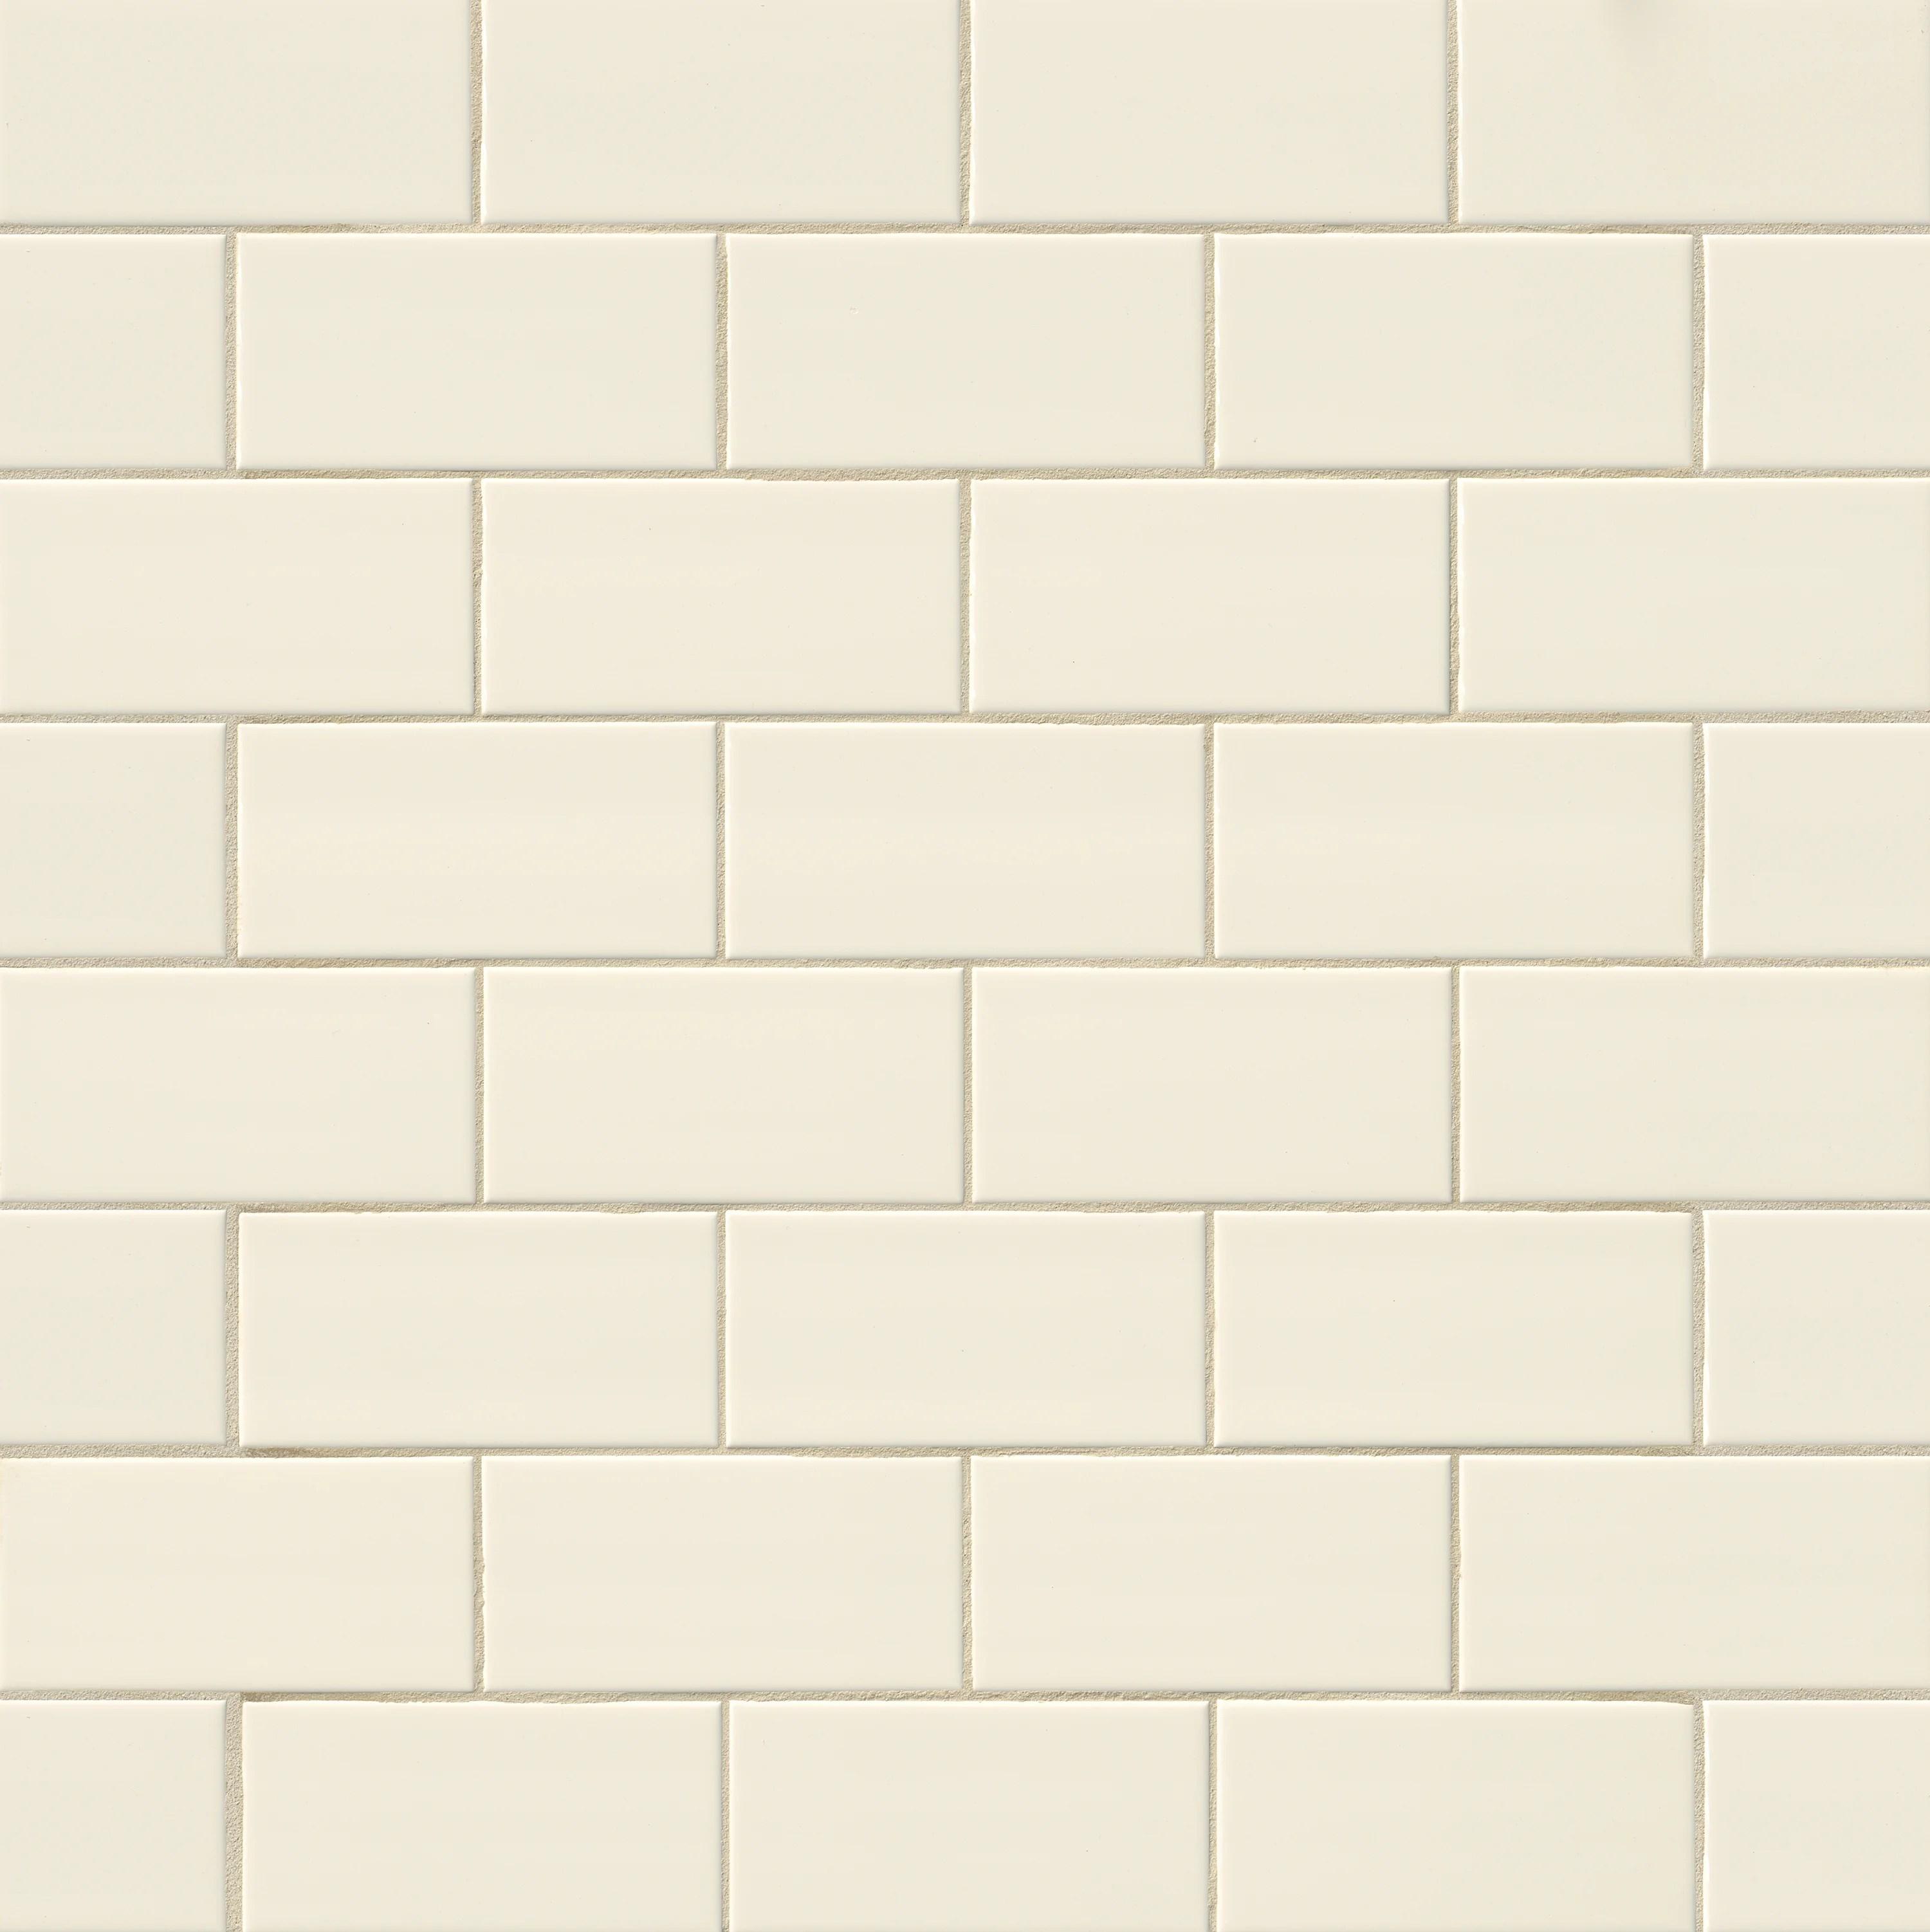 beige tan subway floor tiles wall